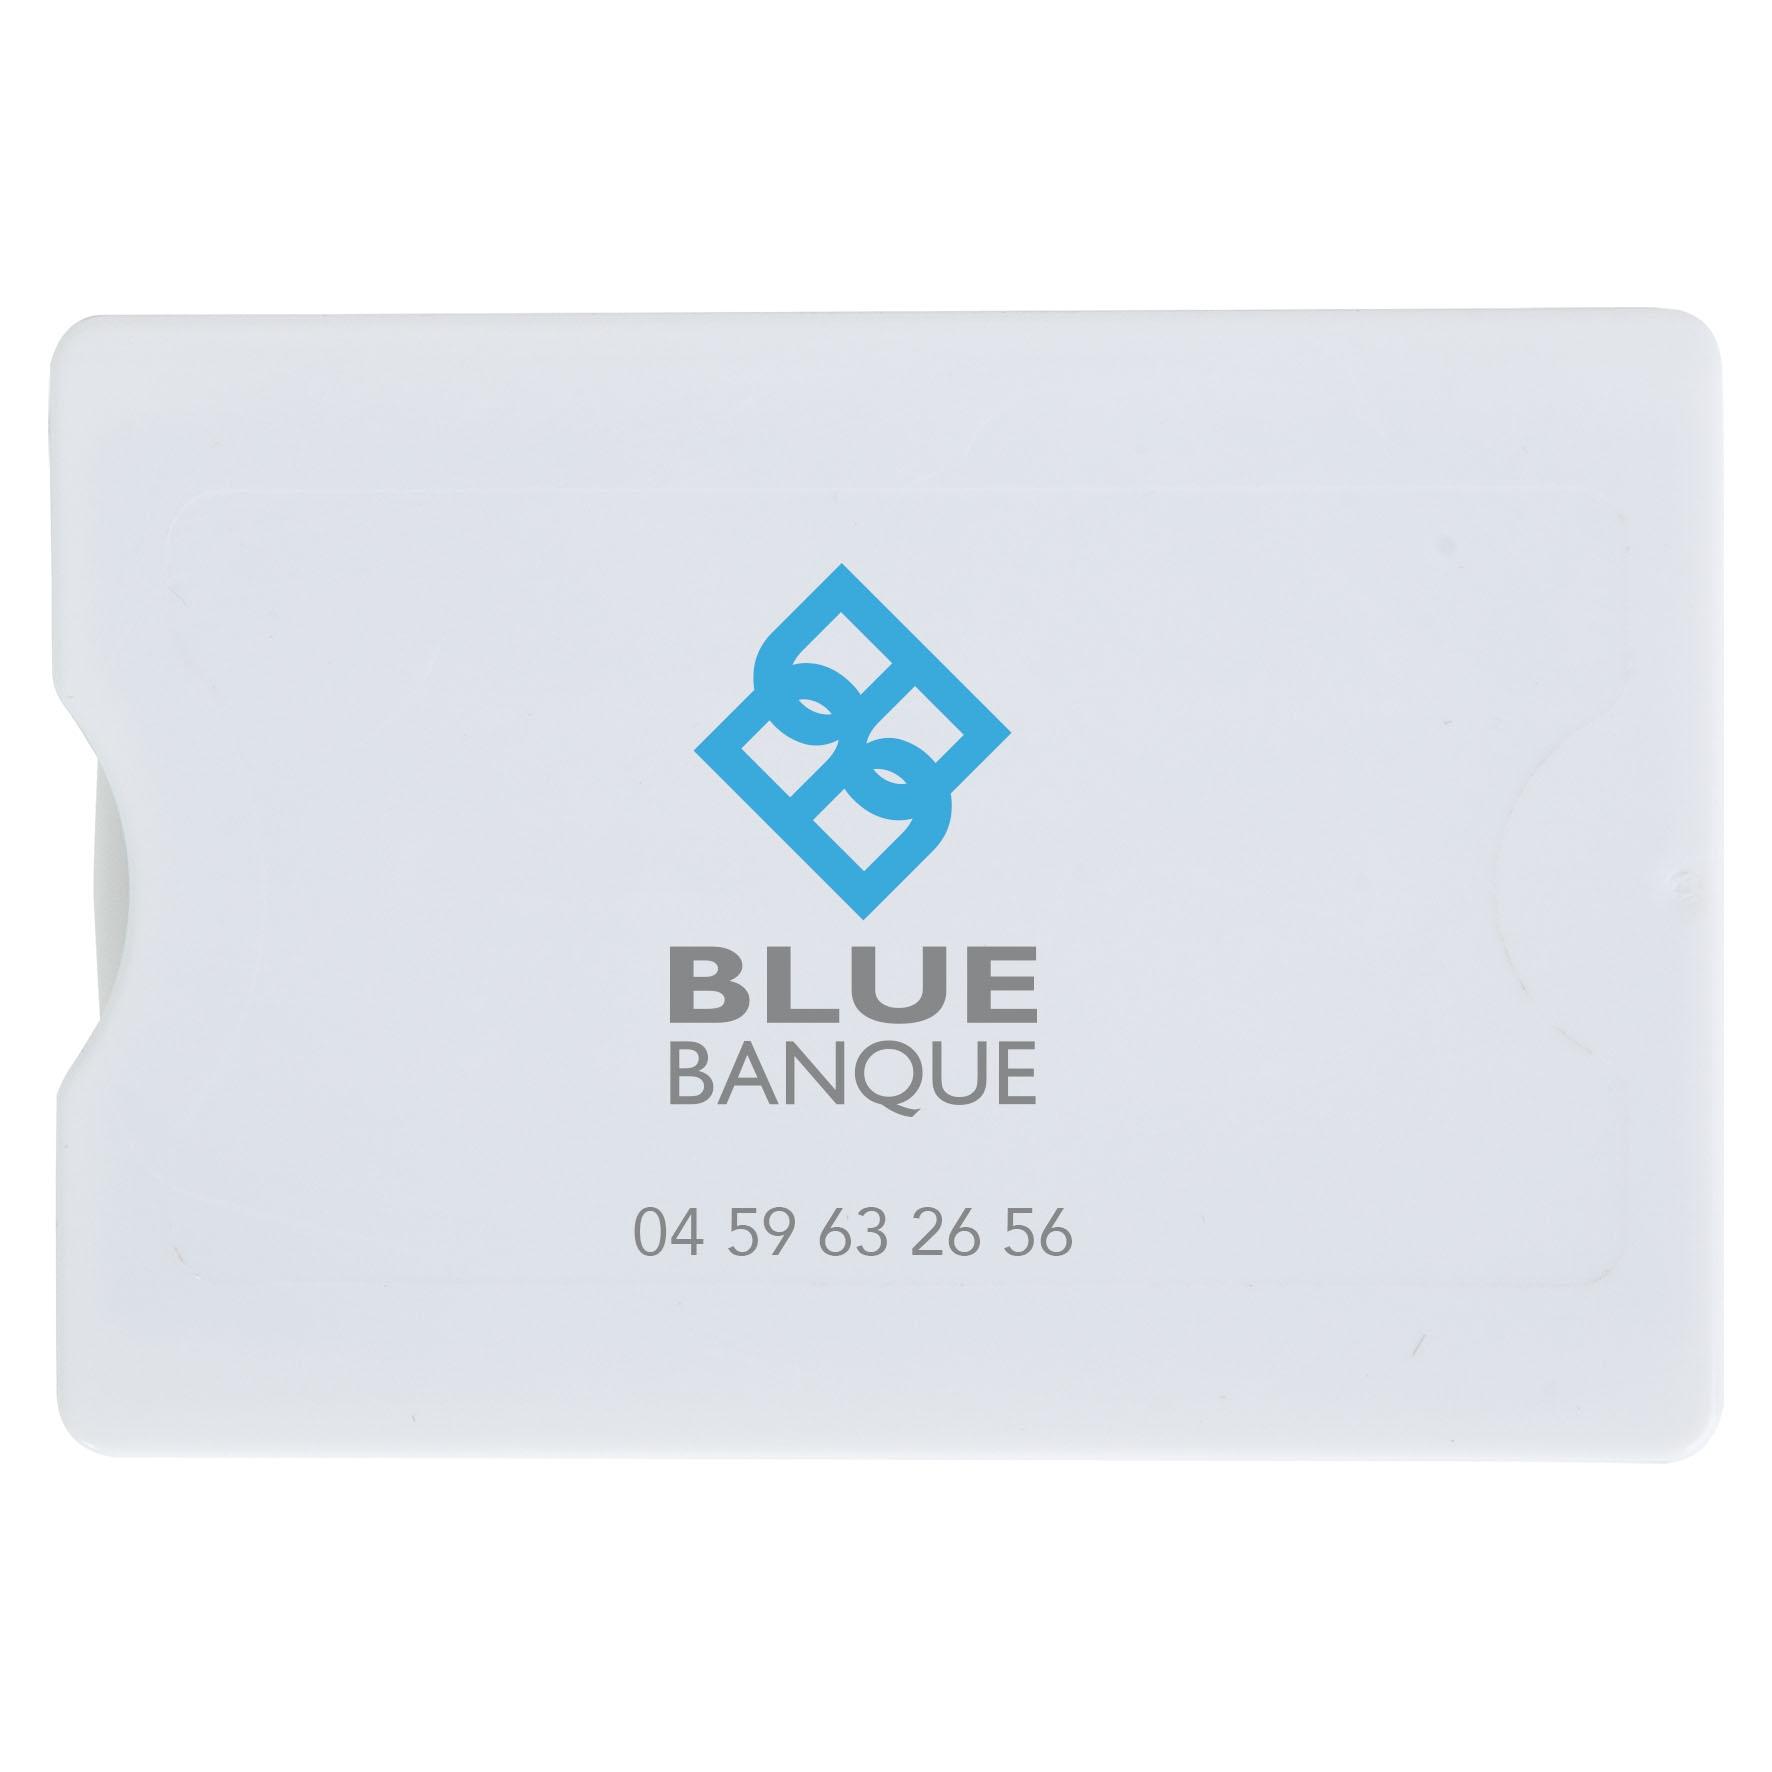 Objet promotionnel - Etui publicitaire rigide 1 carte de crédit anti-RFID